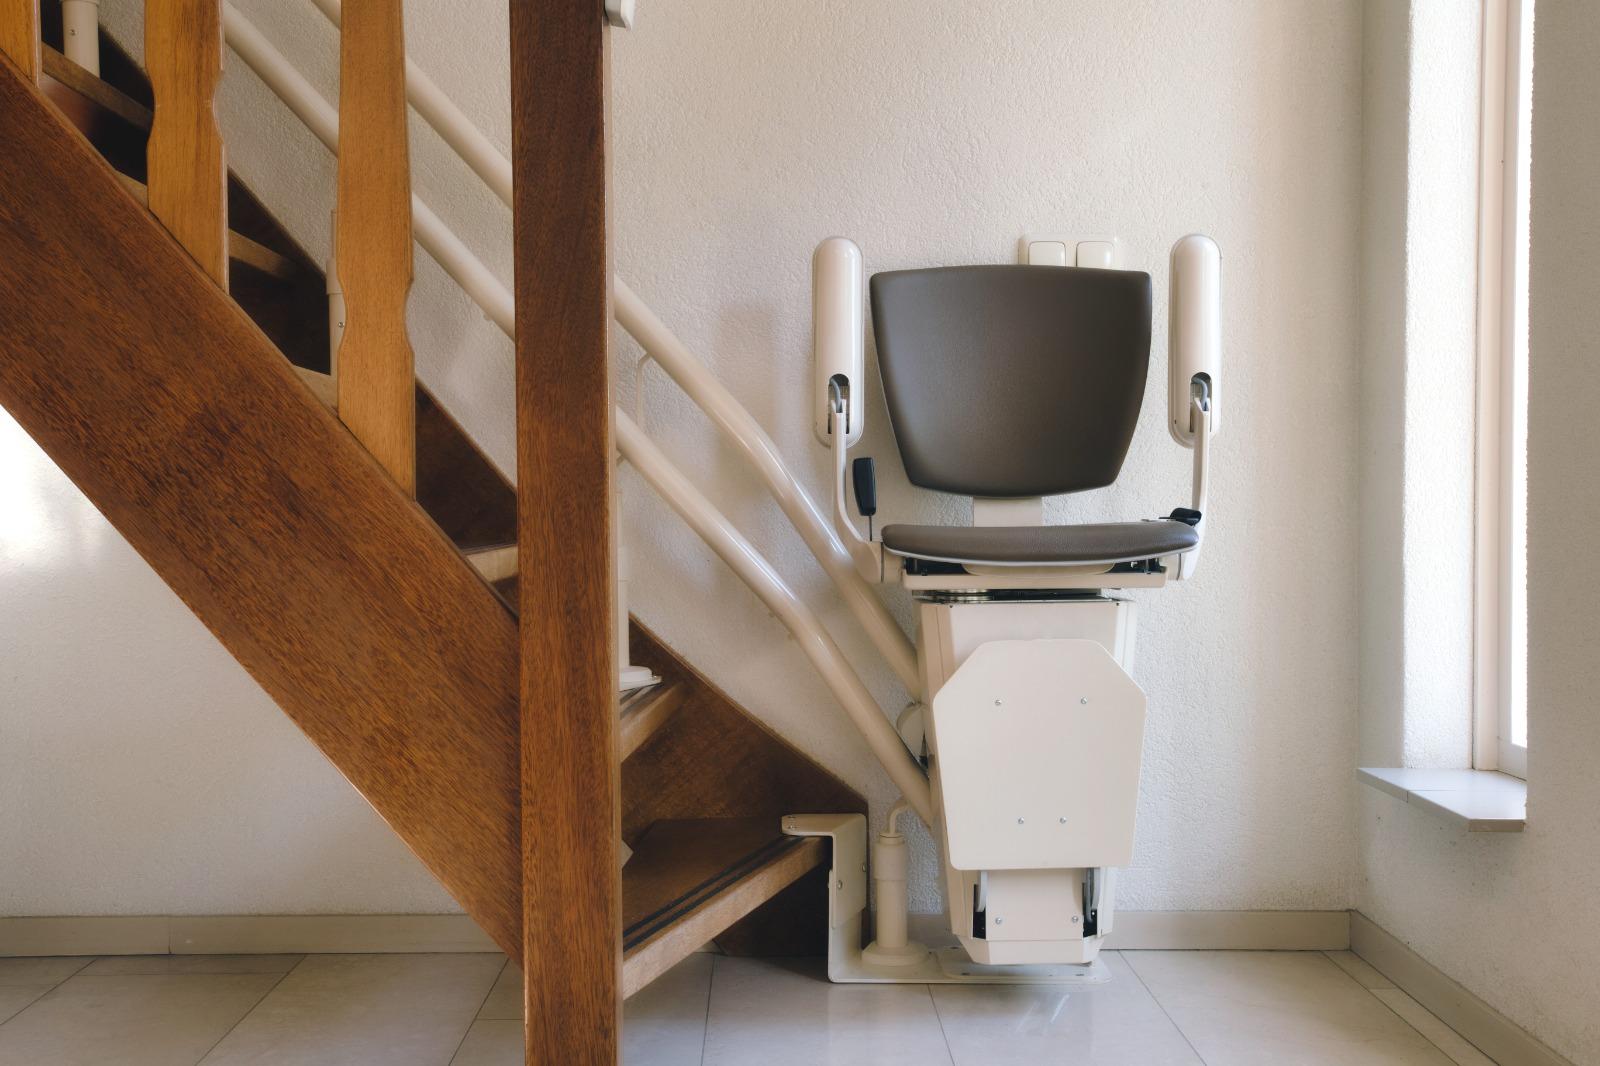 installeren traplift